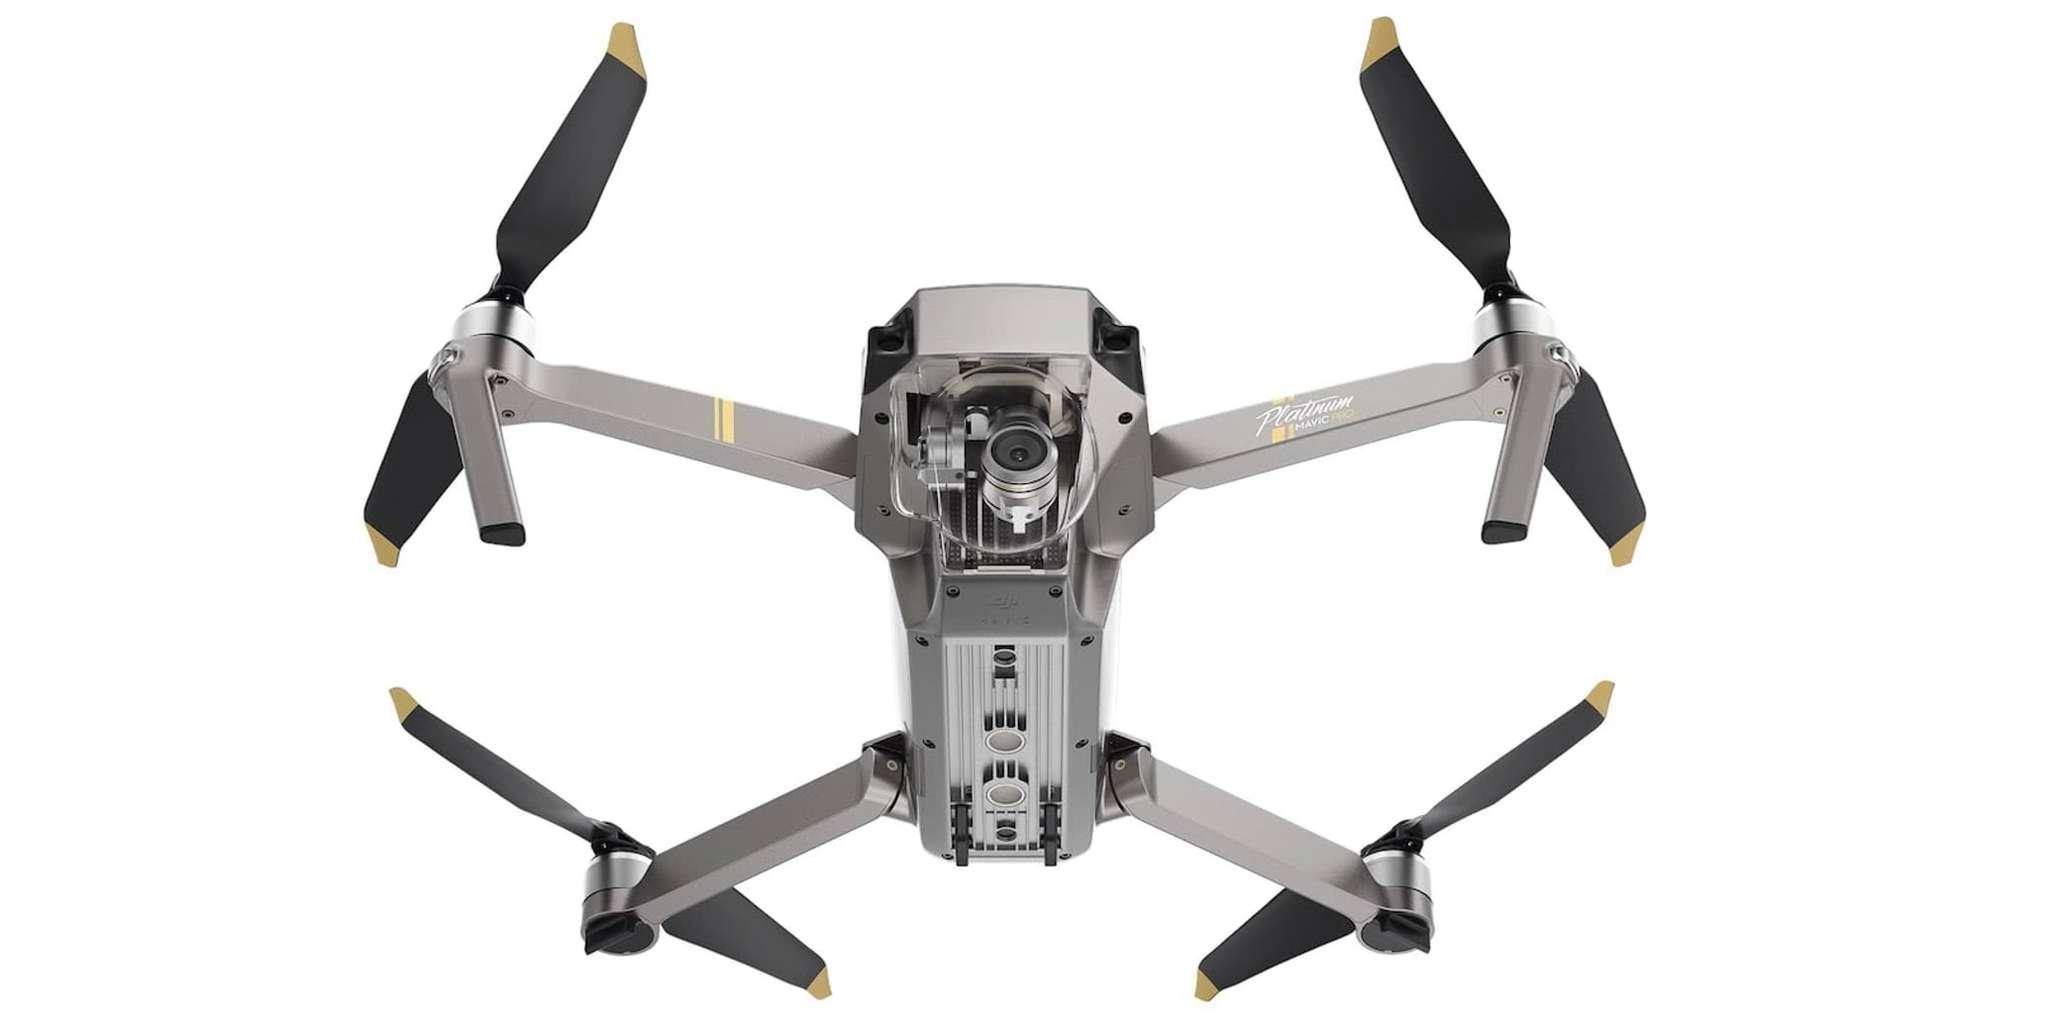 Квадрокоптер DJI Mavic PRO Platinum + пульт д/у вид снизу